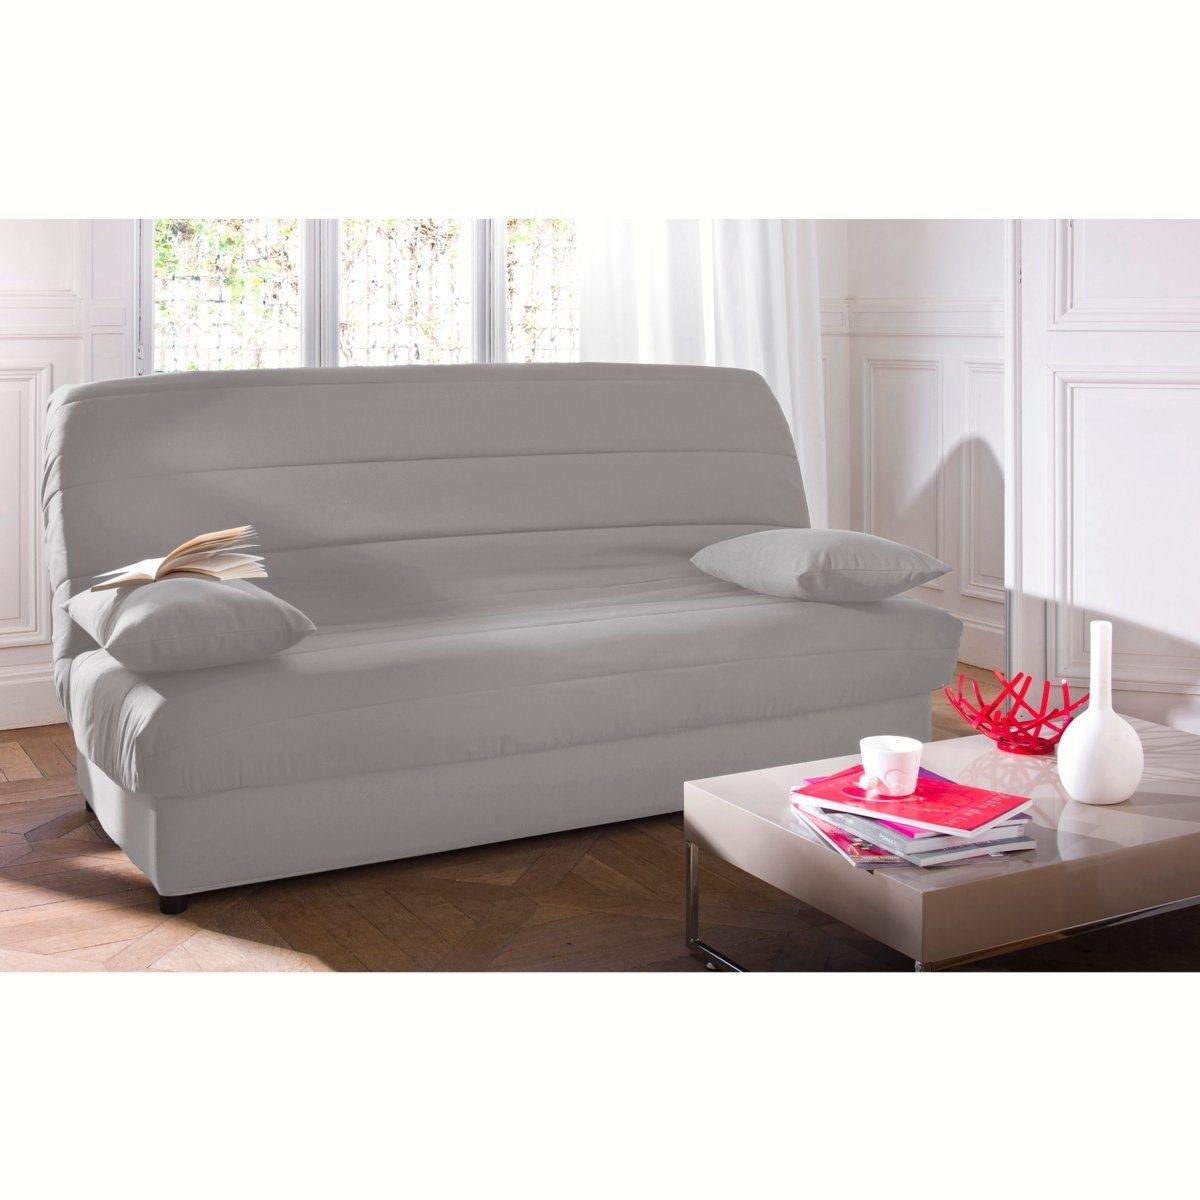 Чехол из полихлопка для диванаХарактеристики чехла для дивана из поликотона  :- - Хорошо облегает, покрывает целиком диван (частично спинку дивана)  .Эластичные края.- Прострочка в виде линии  .- Стирка при 40°С.  Размеры чехла для дивана из поликотона  :- ширина 190 см, глубина 65 см .<br><br>Цвет: бежевый,гранатовый,серый жемчужный,сине-зеленый,синий индиго,темно-серый,черный,экрю<br>Размер: единый размер